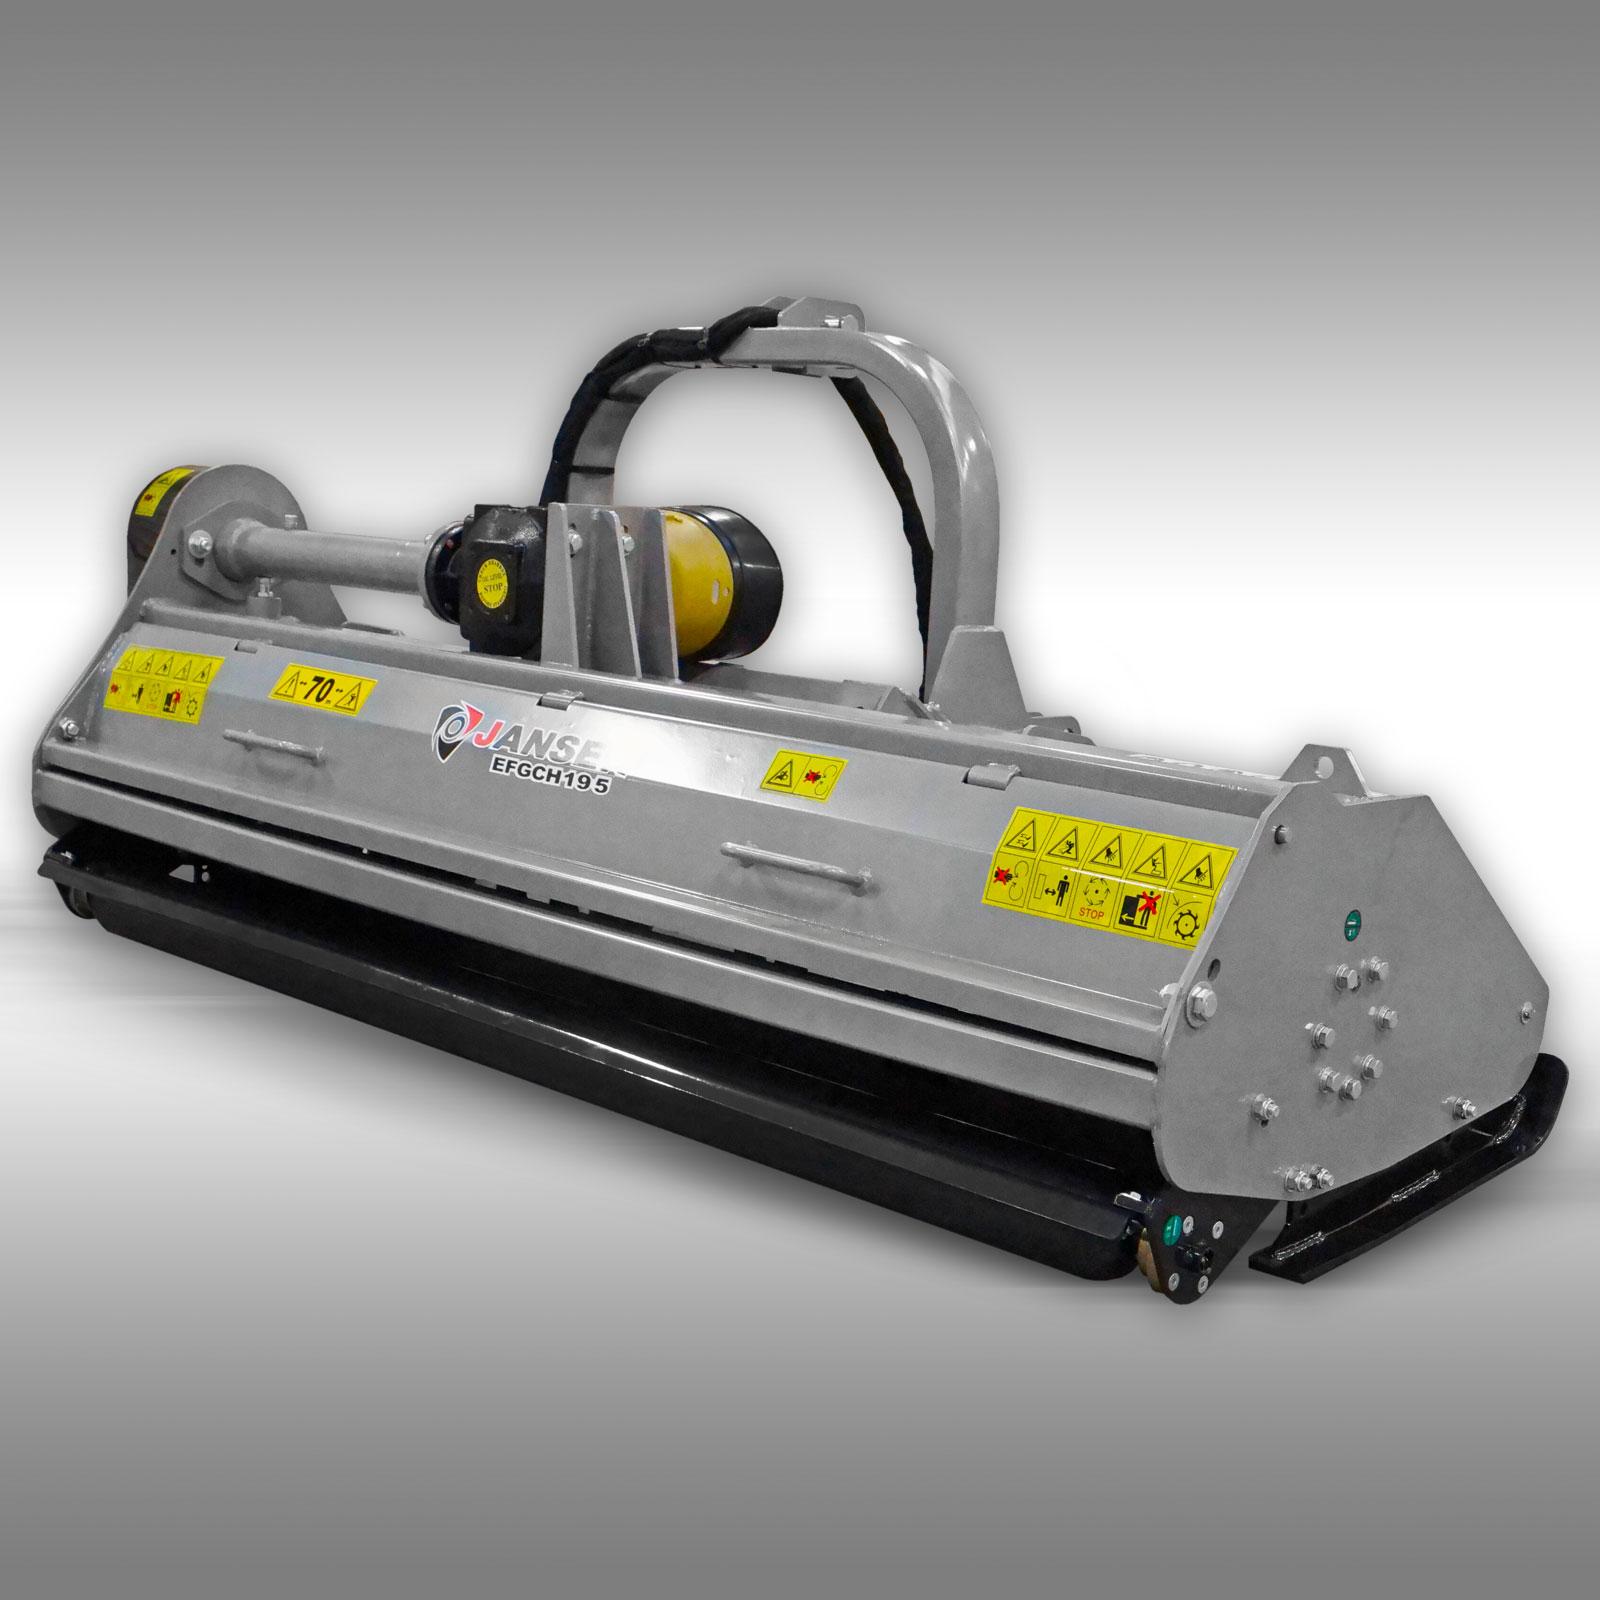 Jansen Klepelmaaier EFGCH-195, 192cm PTO Side-shift